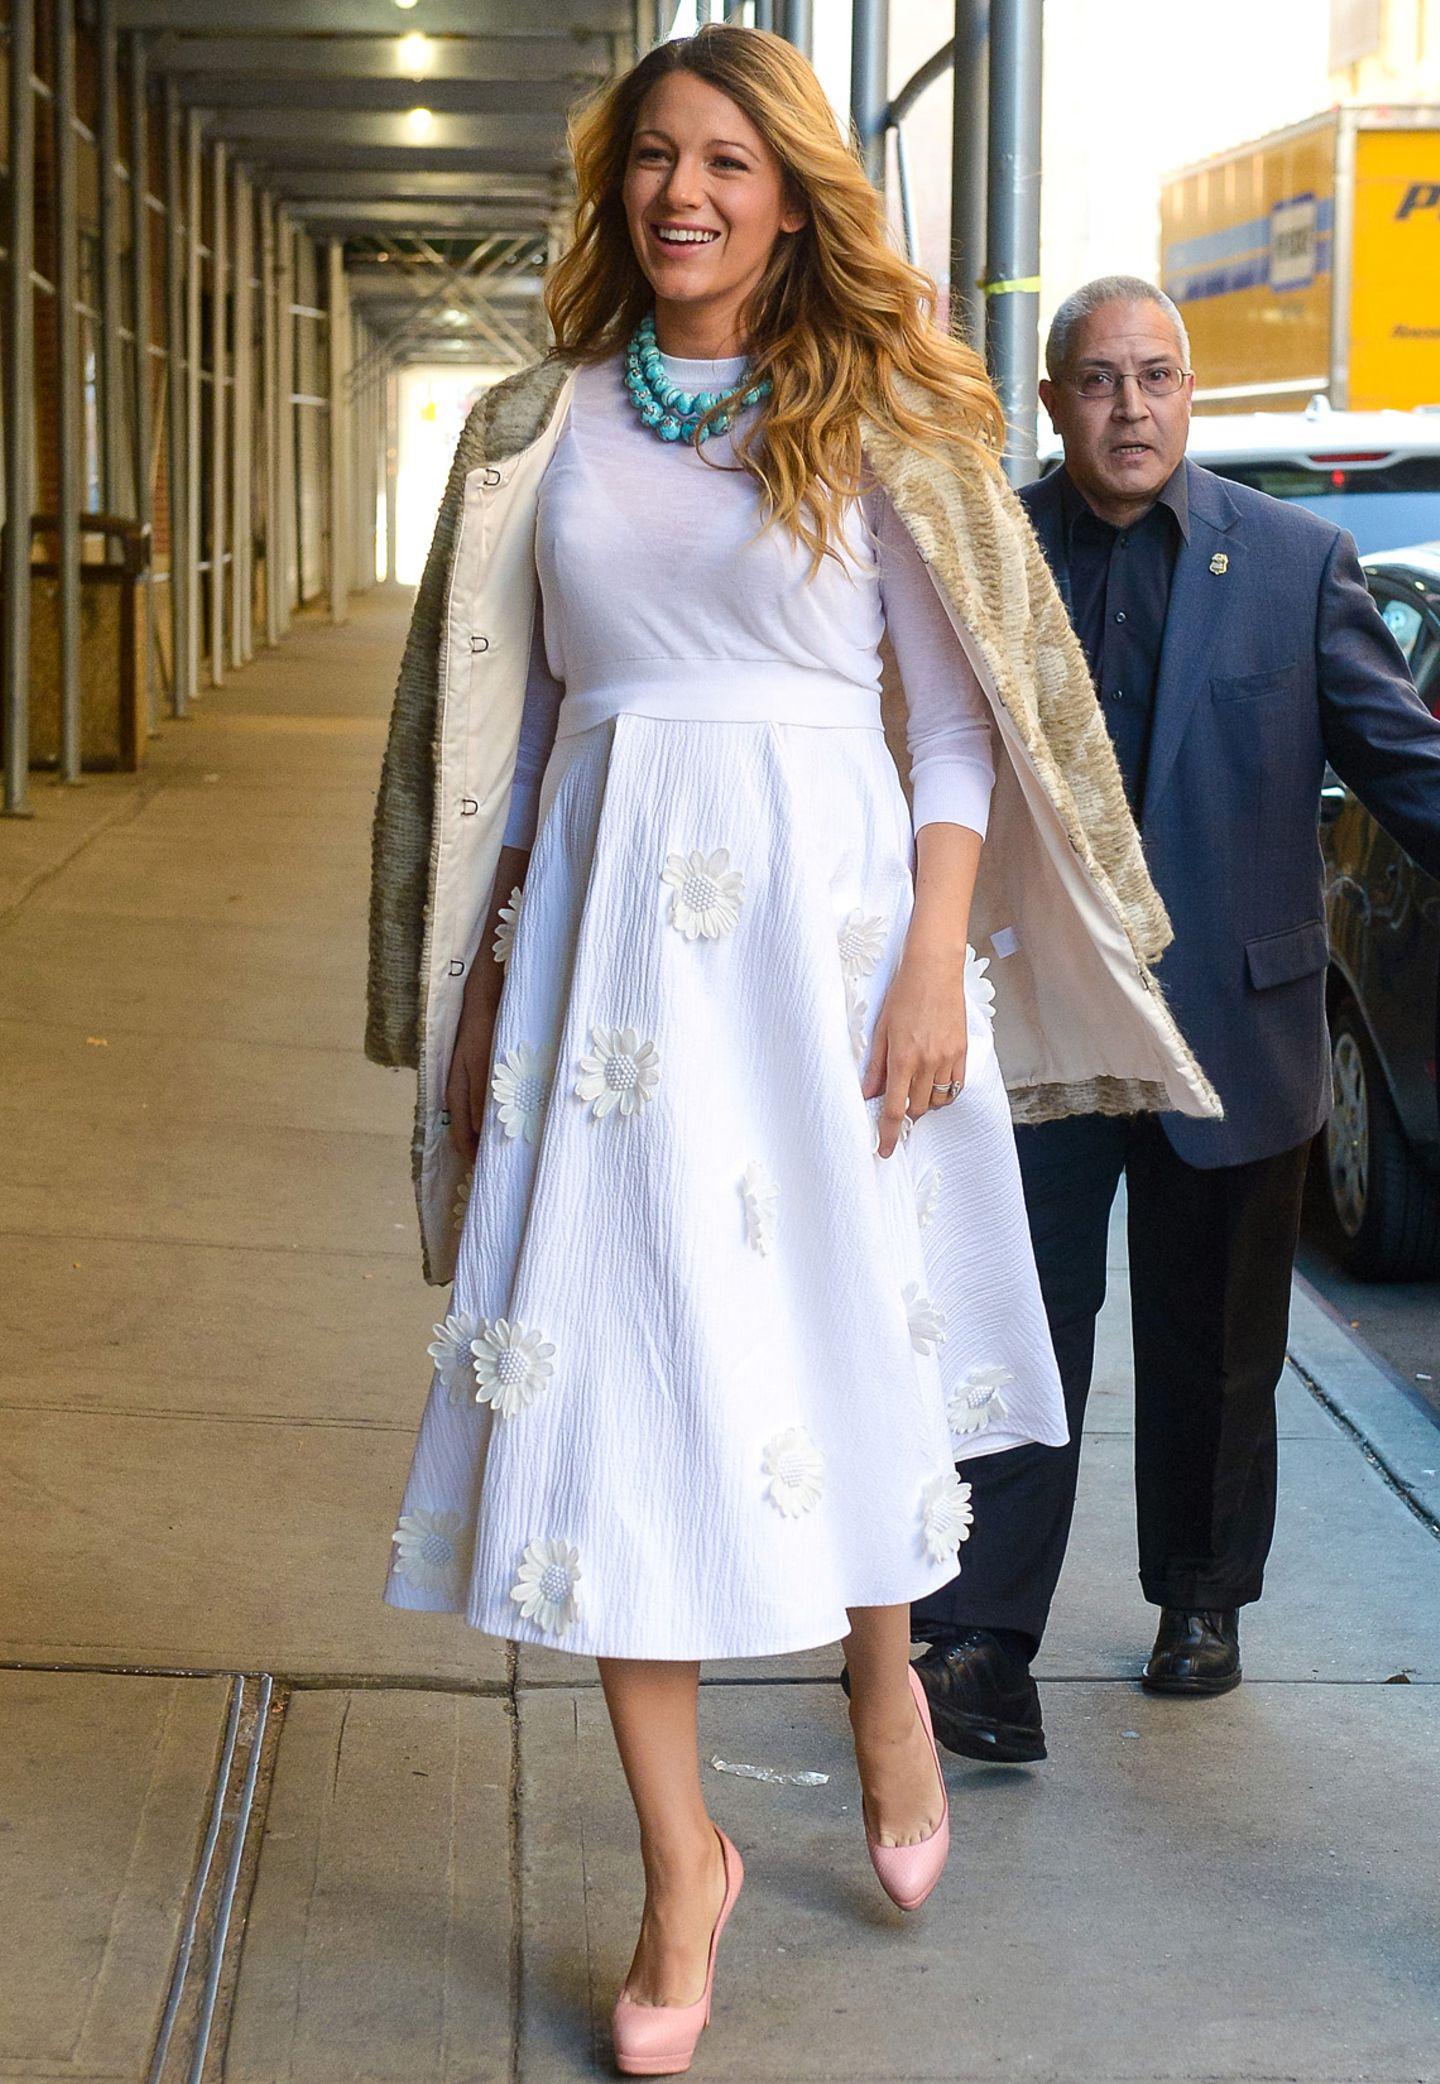 Richtig verträumt im weißen Michael-Kors-Kleid mit Blumen-Applikationen besucht Blake Lively die Moderatotin und Fernsehköchin Martha Stewart in New York.